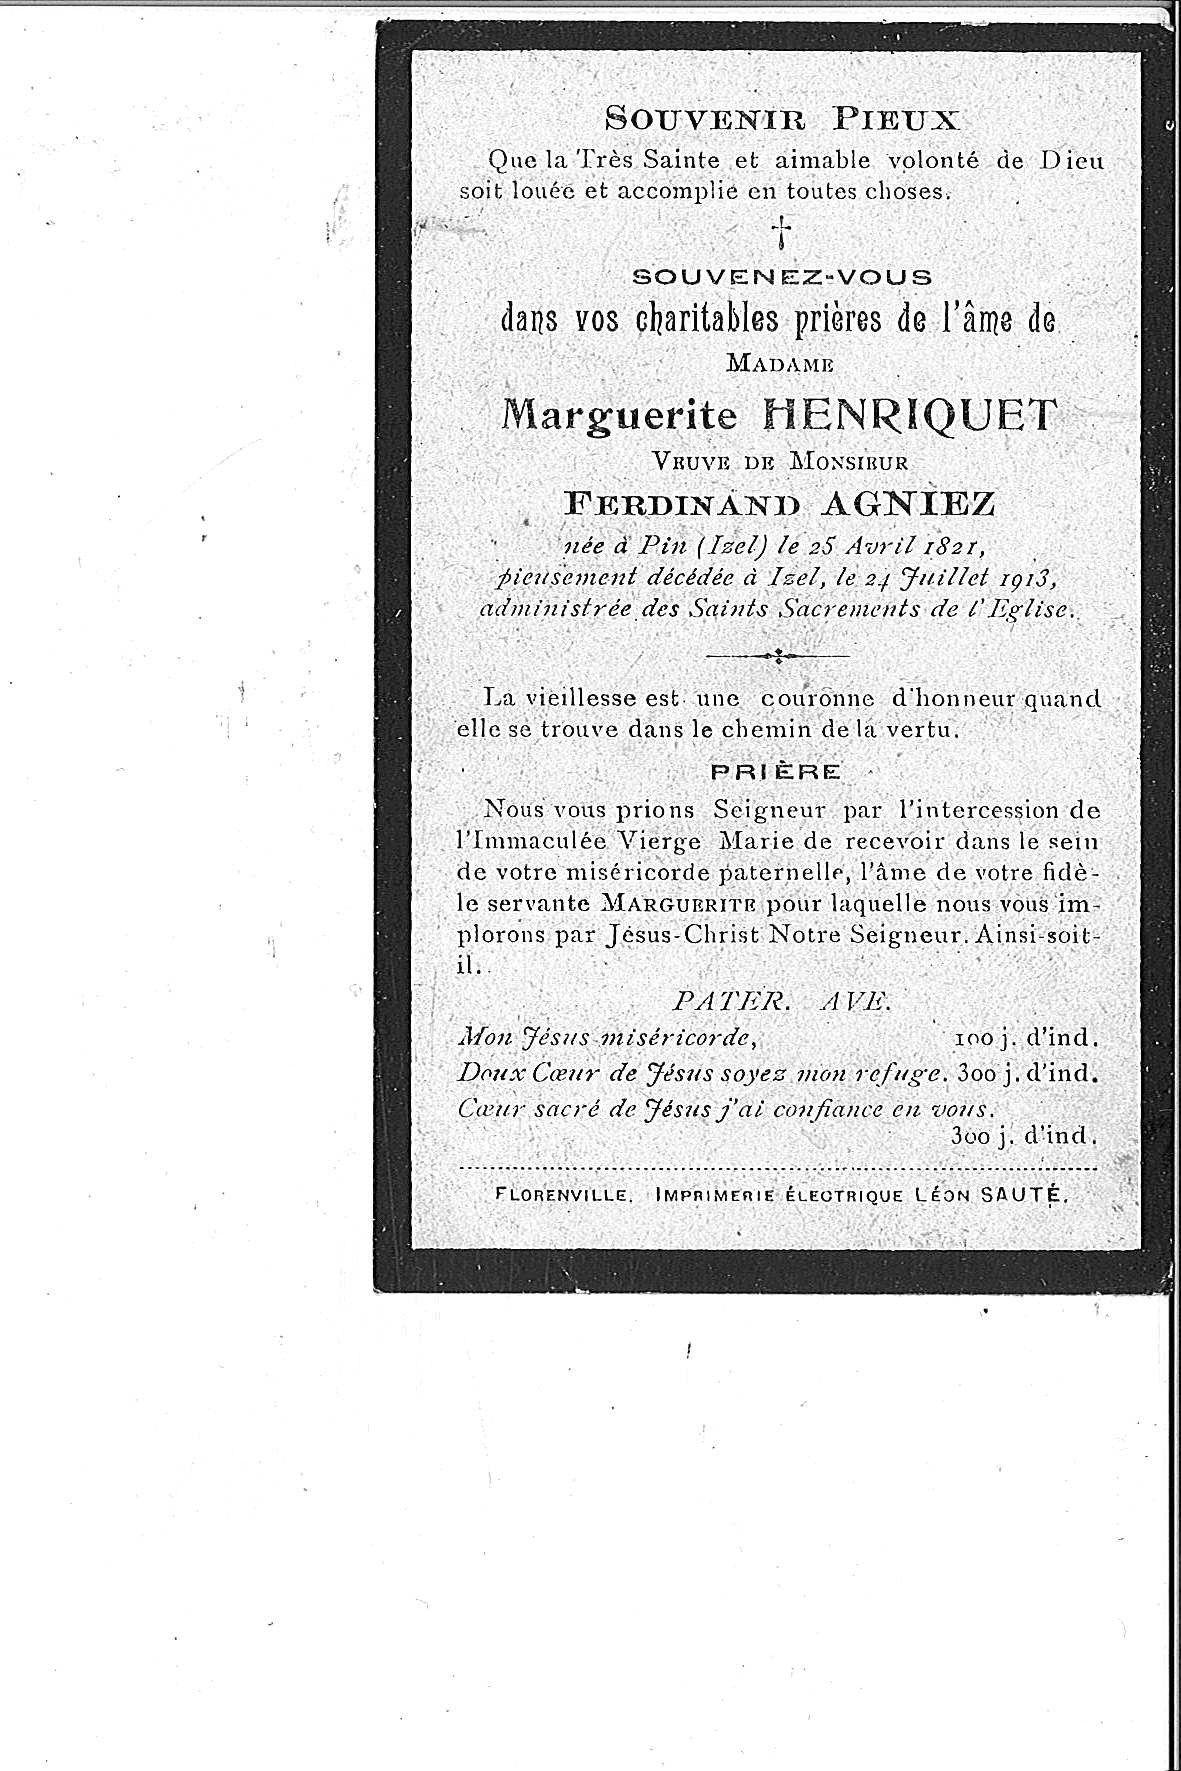 Marguerite(1913)20150120150241_00005.jpg